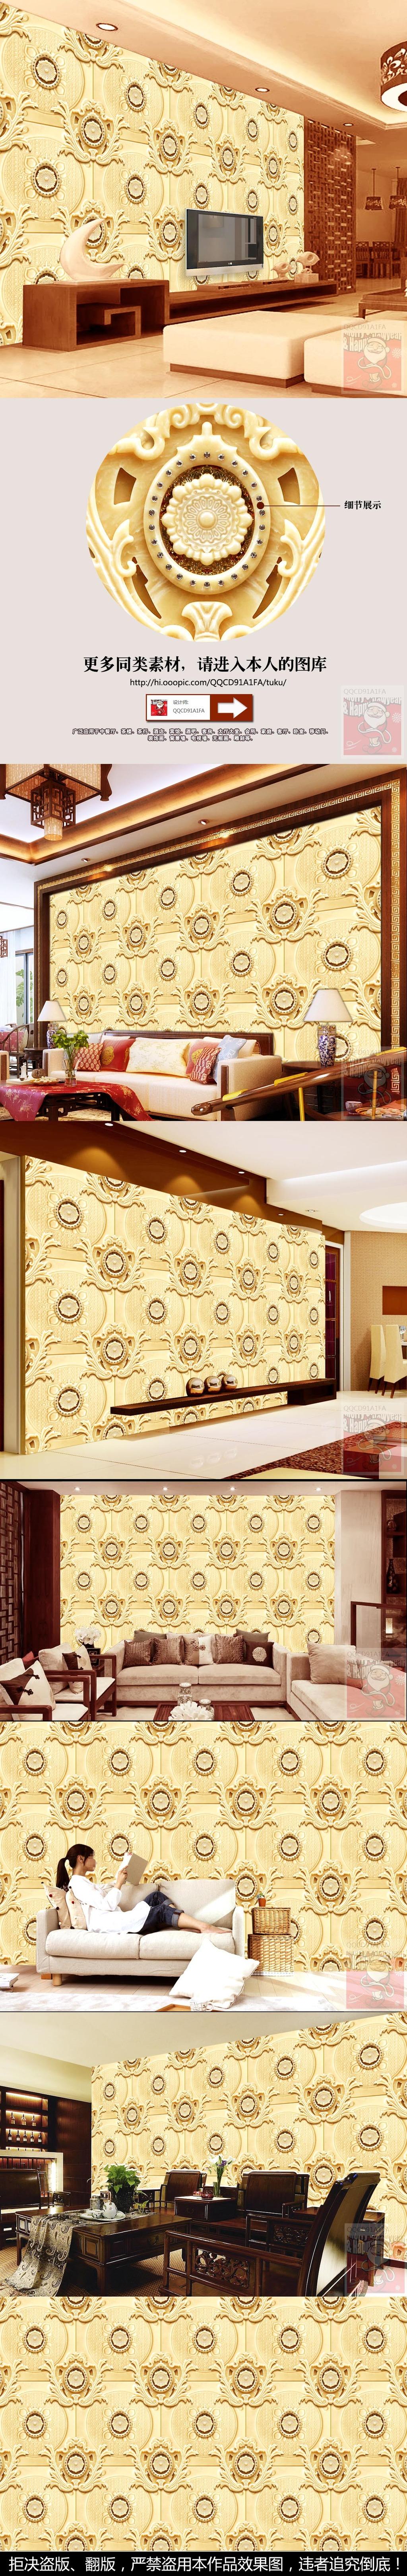 高清时尚高雅欧式花纹大理石立体浮雕背景墙